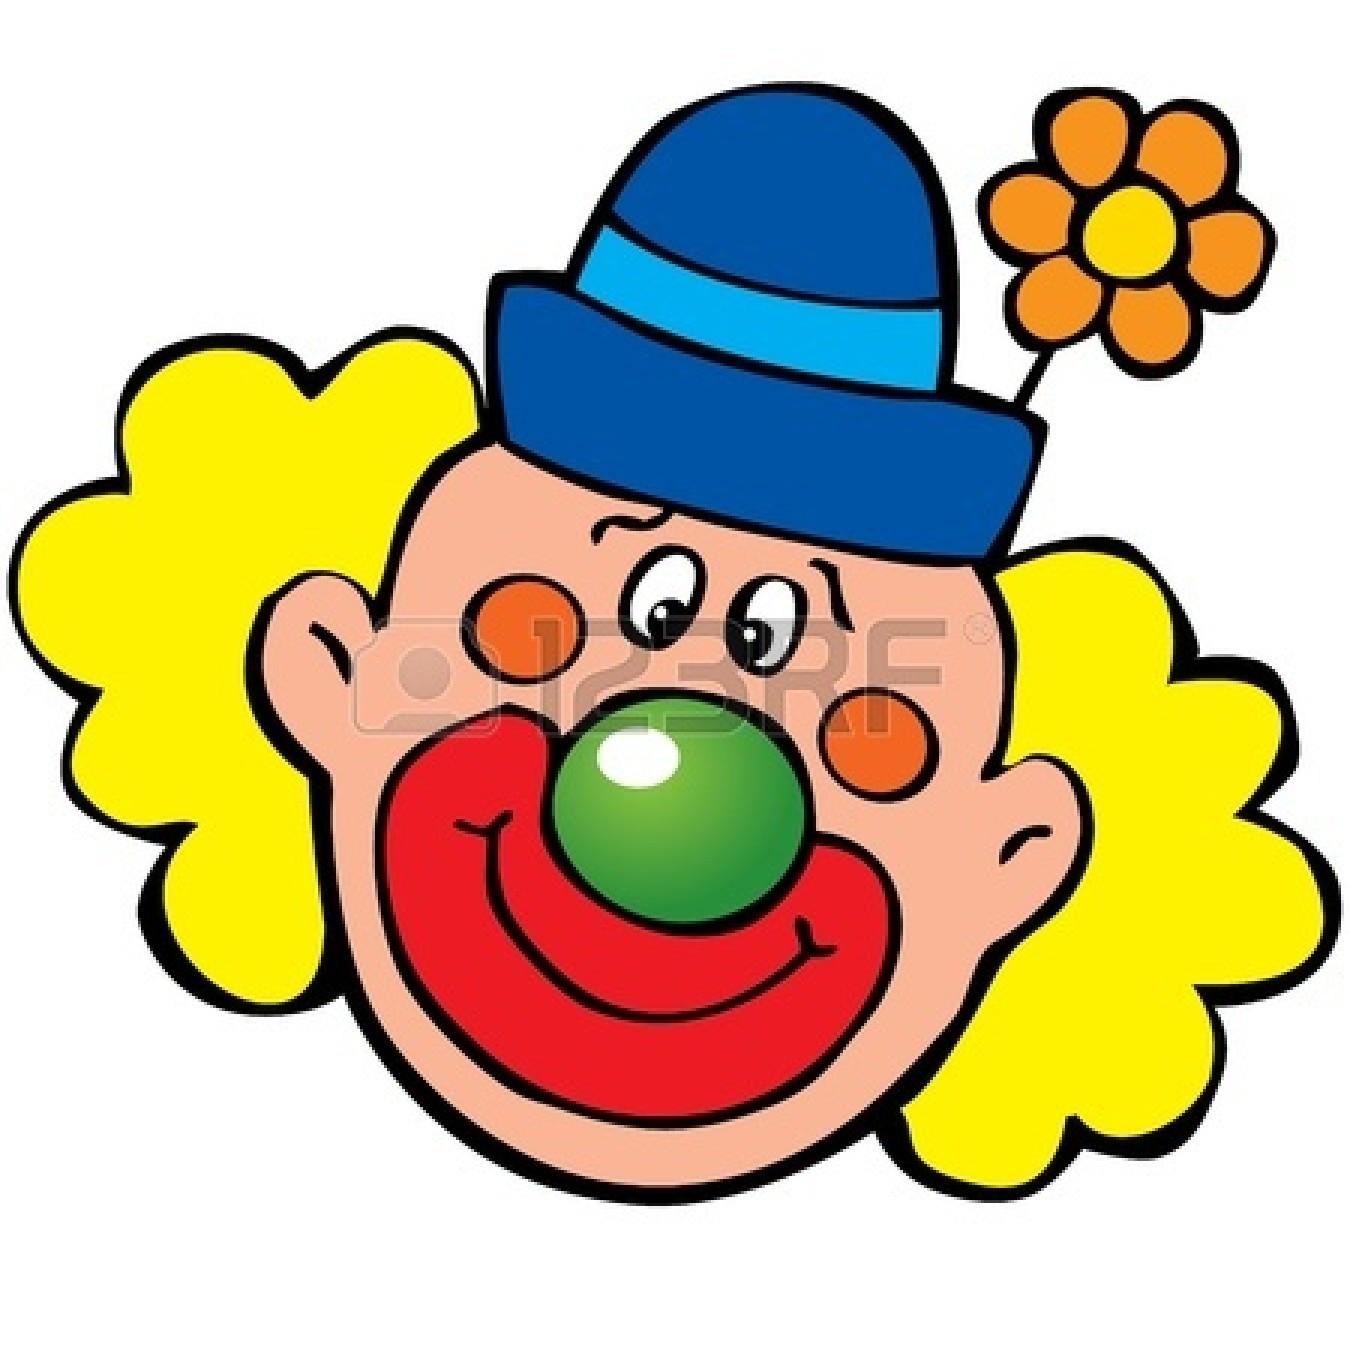 1350x1350 Circus Joker Face Png Transparent Circus Joker Face.png Images